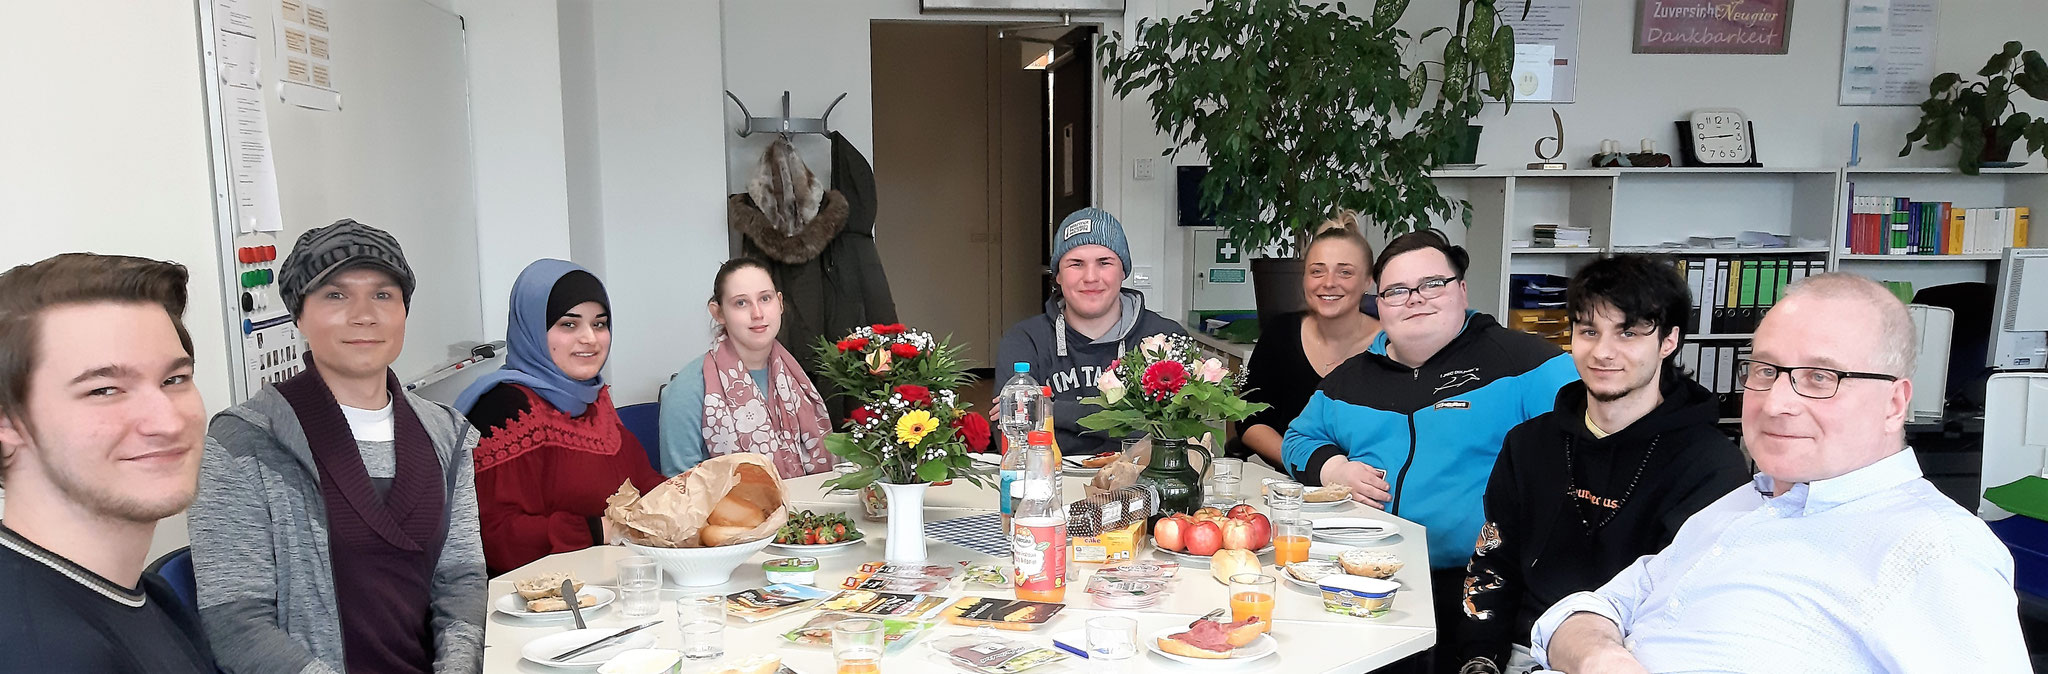 """Die Teilnehmer der """"Tafelrunde"""" - 27.03.2019"""